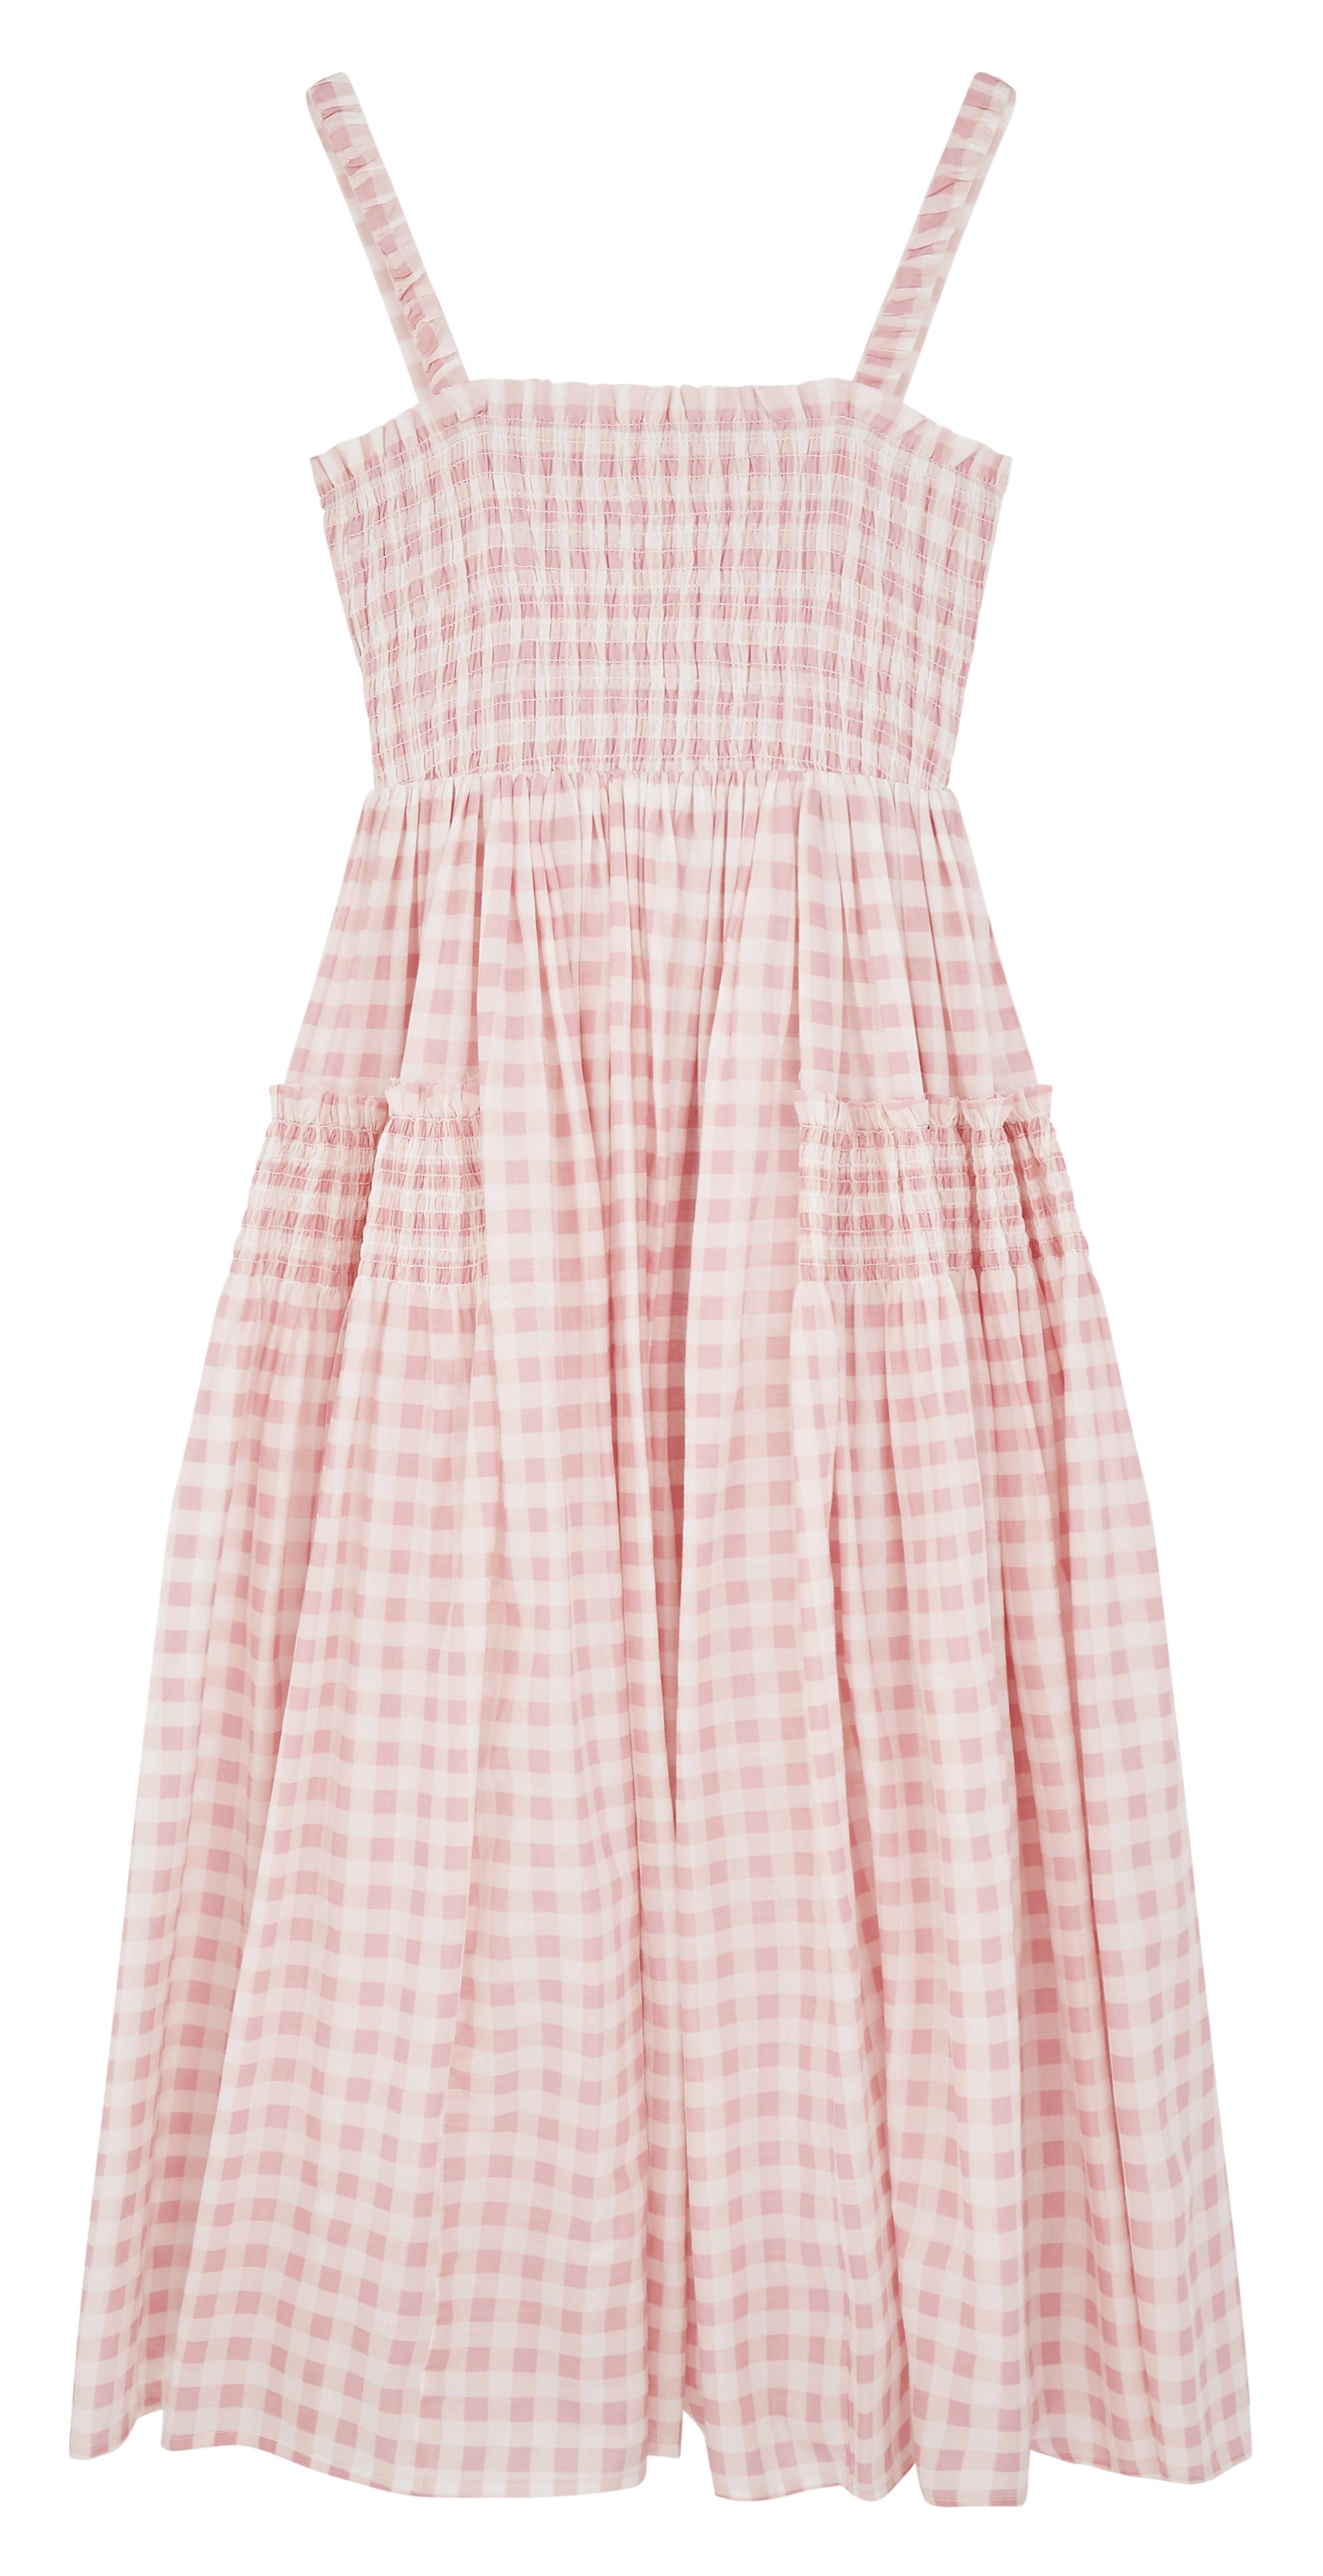 Vestido midi de verano a cuadros vichy rosas y blancos de tirantes con bordes sin rematar